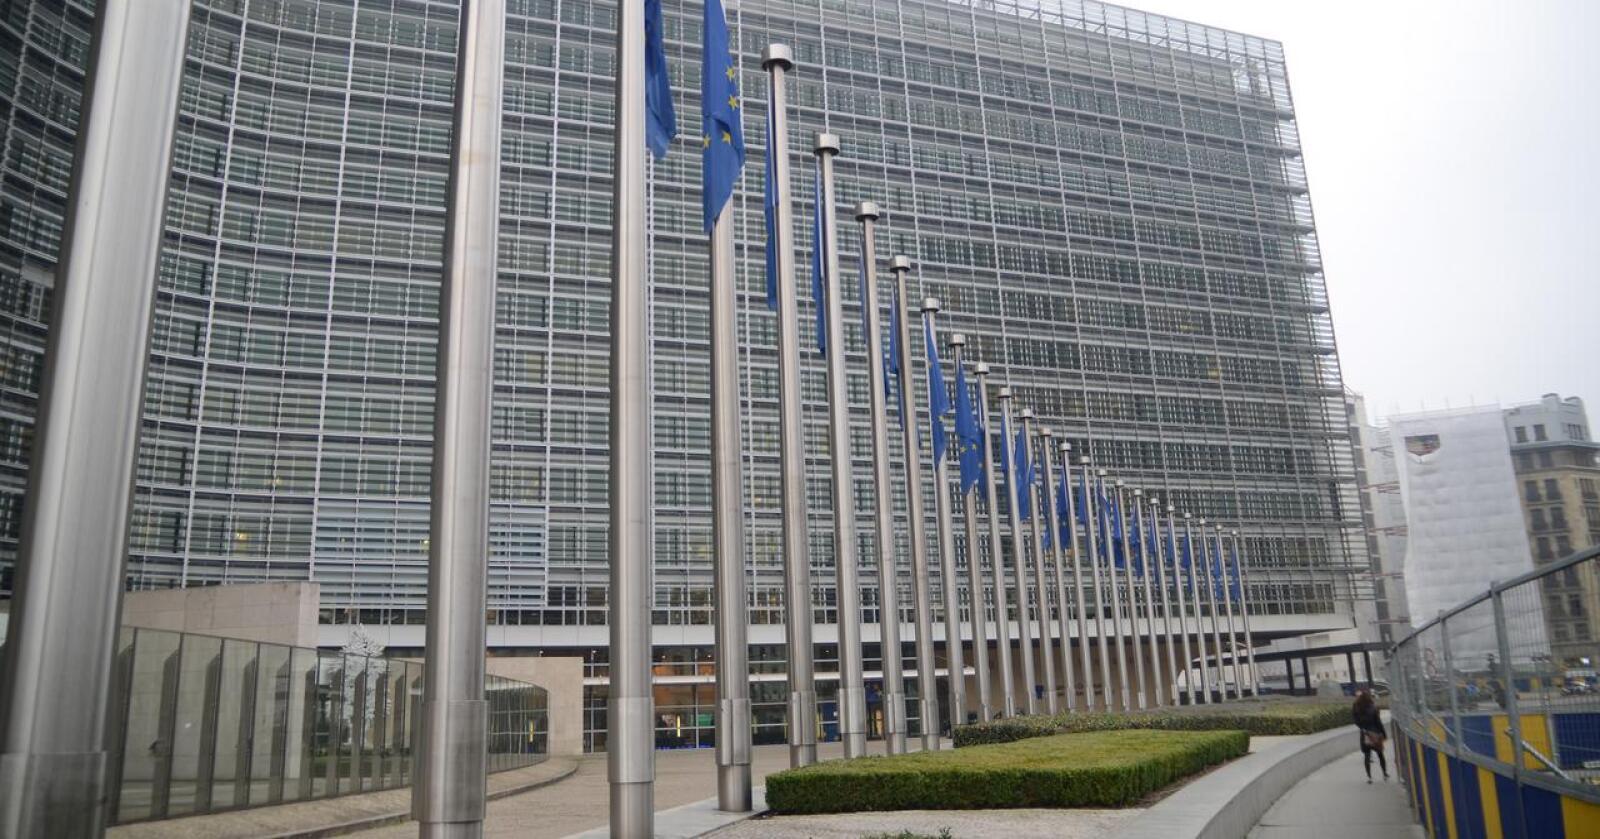 EUs landbruksministre er klare på at EU-landbruket må omstilles i en bærekraftig retning. Her sees EU-kommisjonens bygg. Foto: Linda Sunde